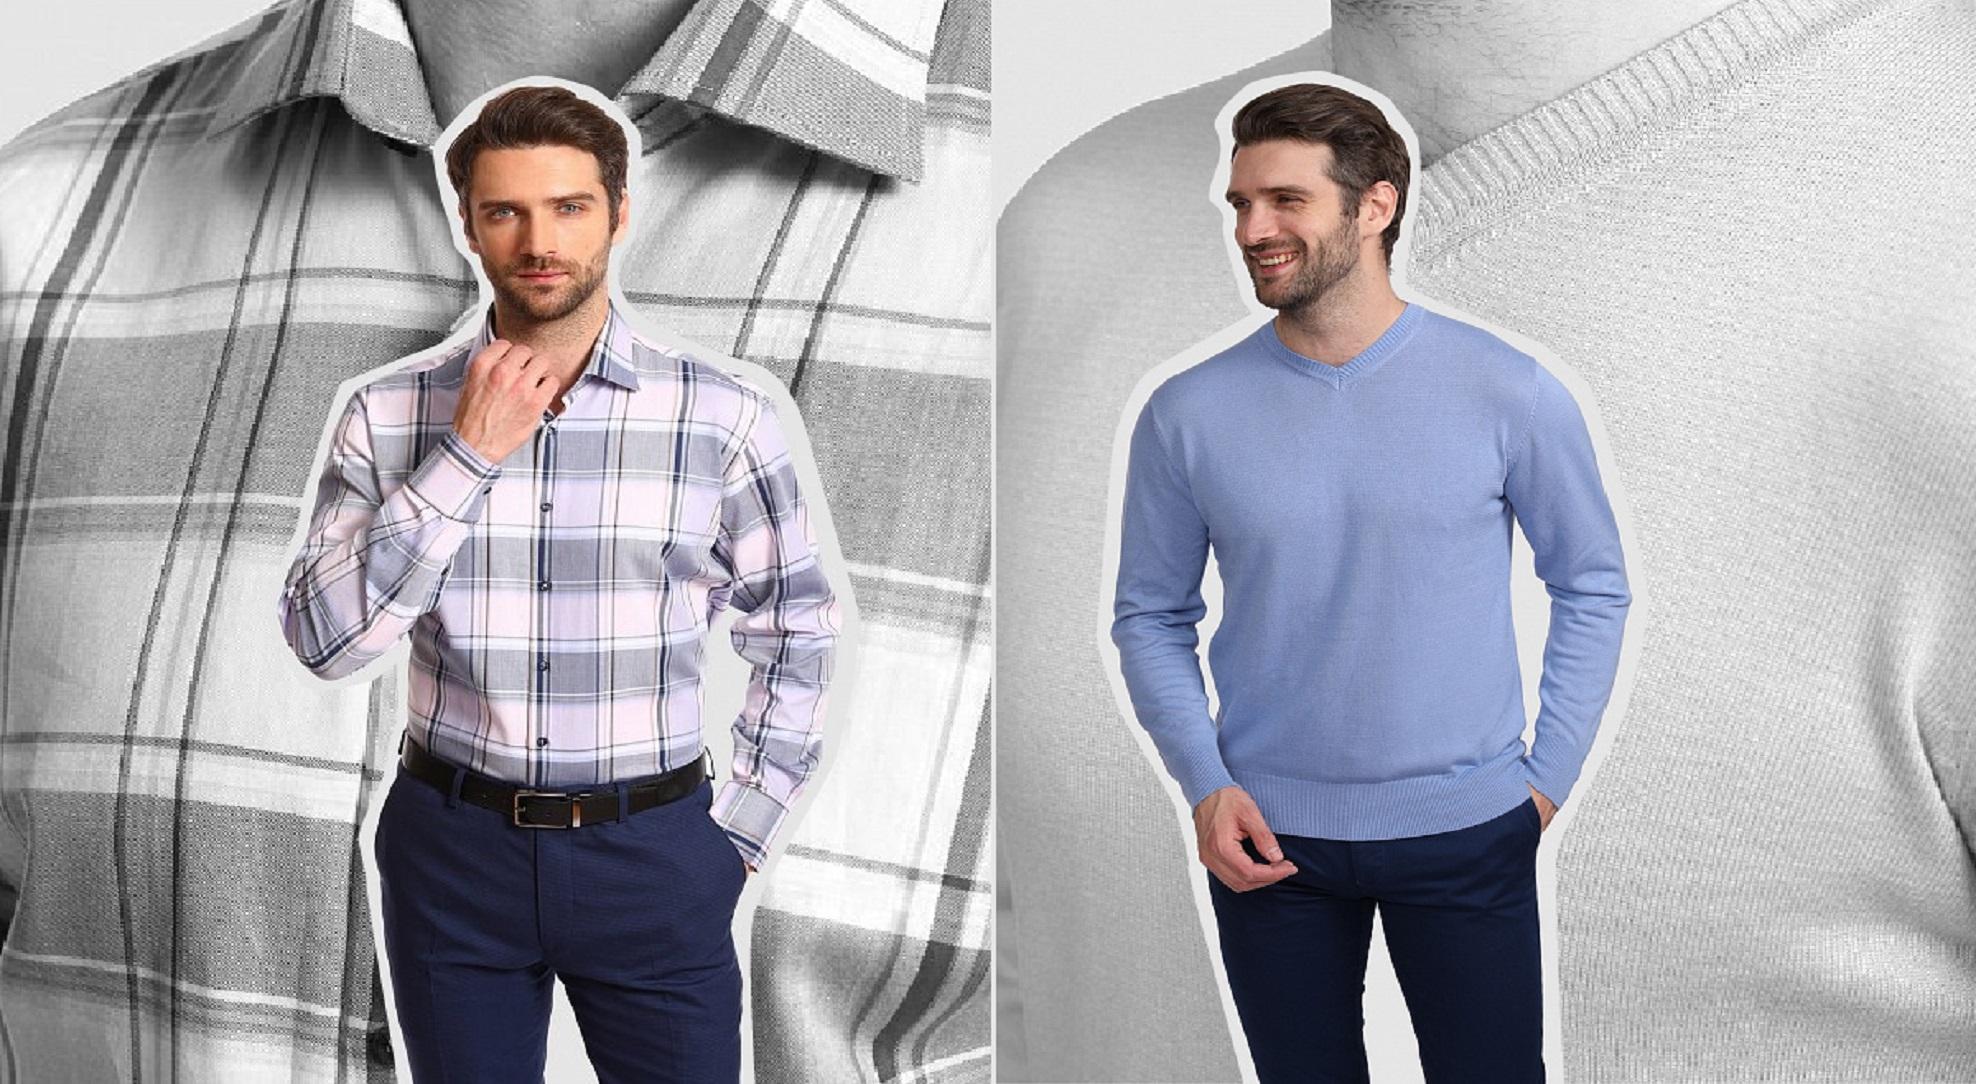 Рубашка + джемпер: стильные, теплые и уютные сочетания от KANZLER